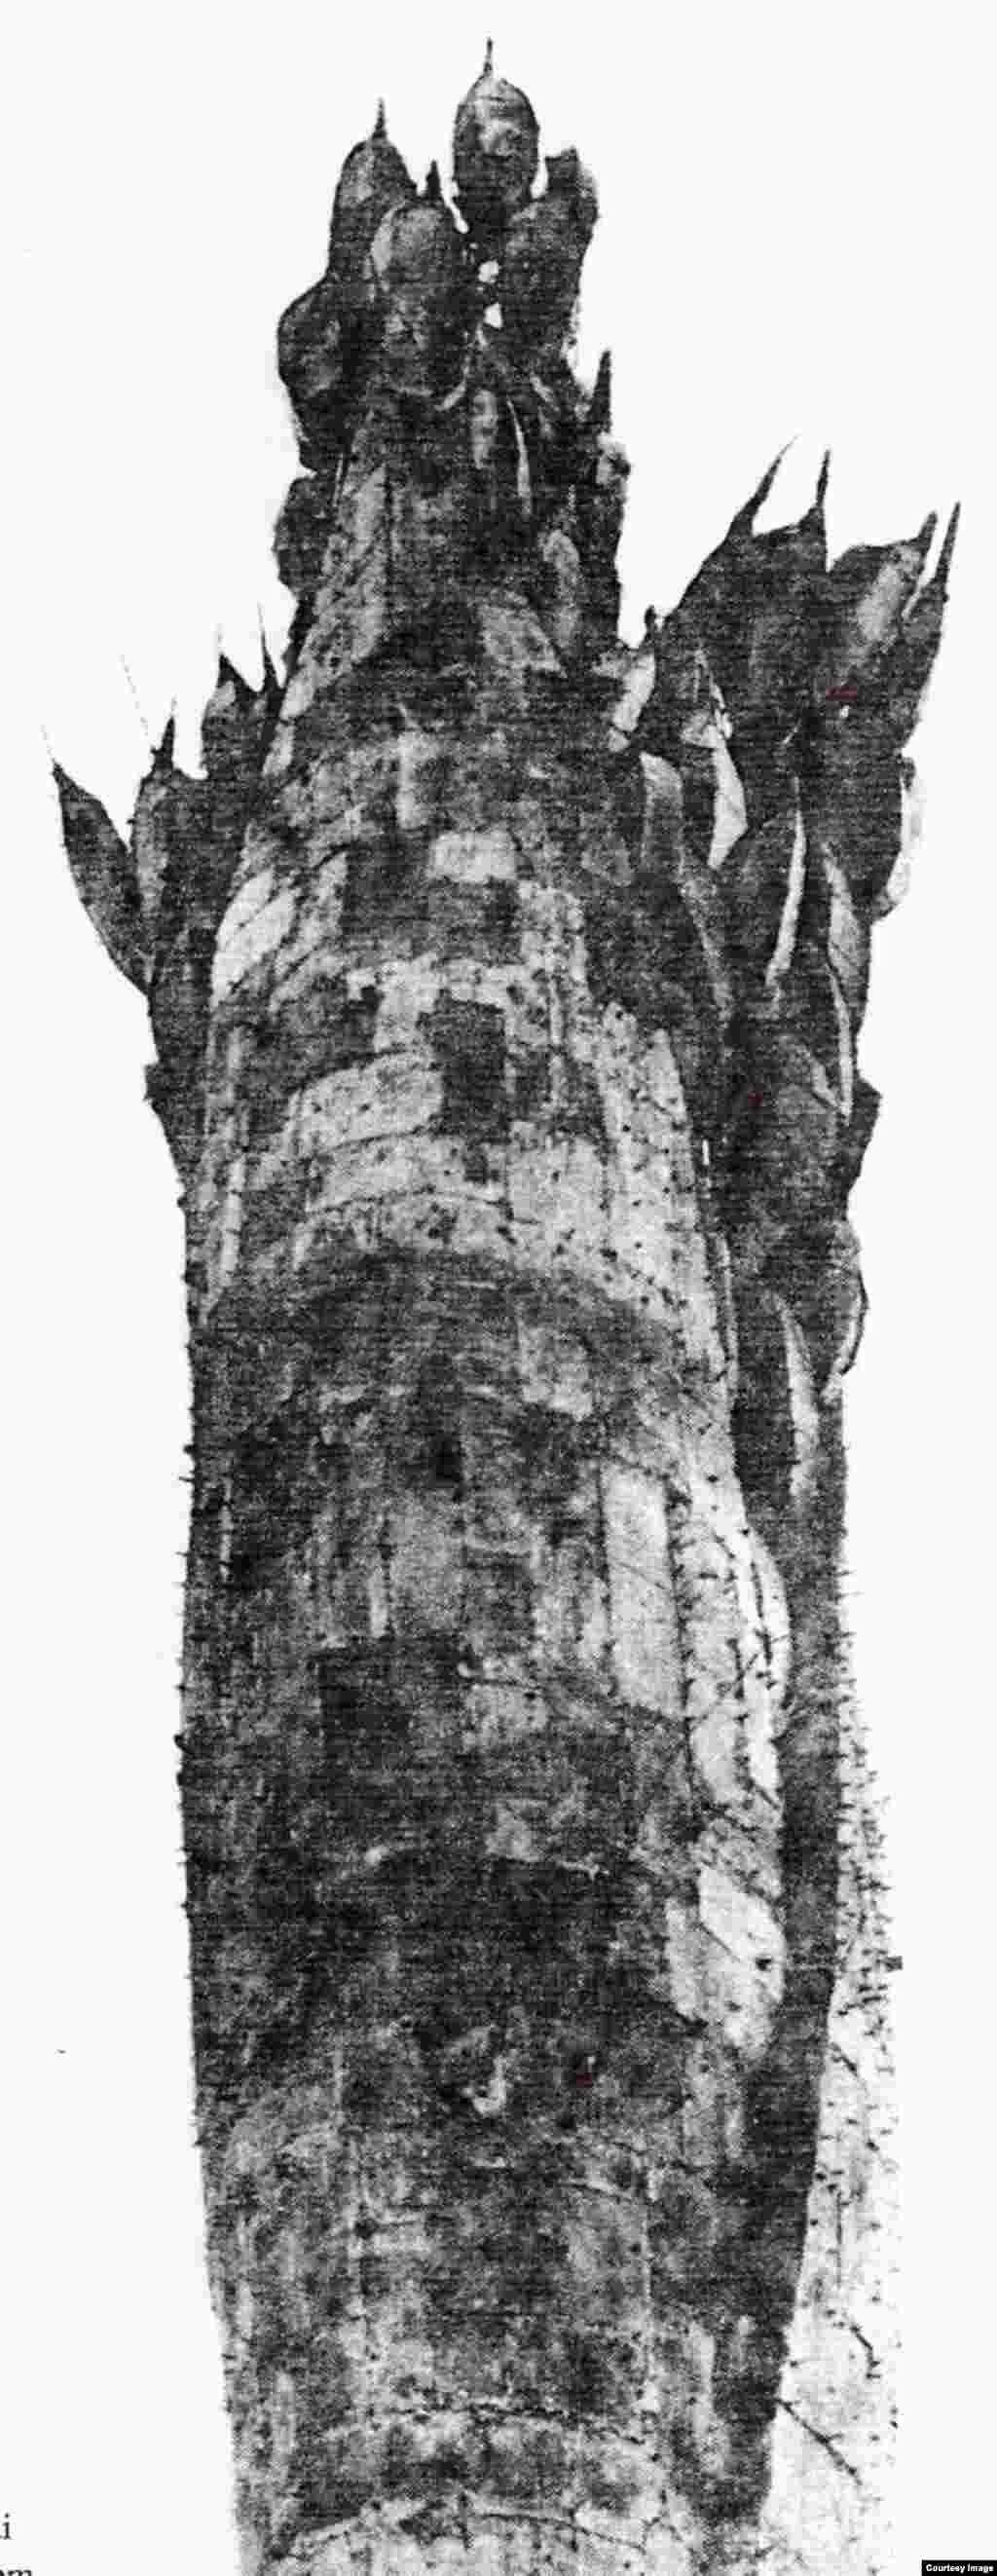 Bông Lúa Con Gái Những mảnh đồng ghép, cao 53 ft tượng ngoài trời Mai Chửng – 1970